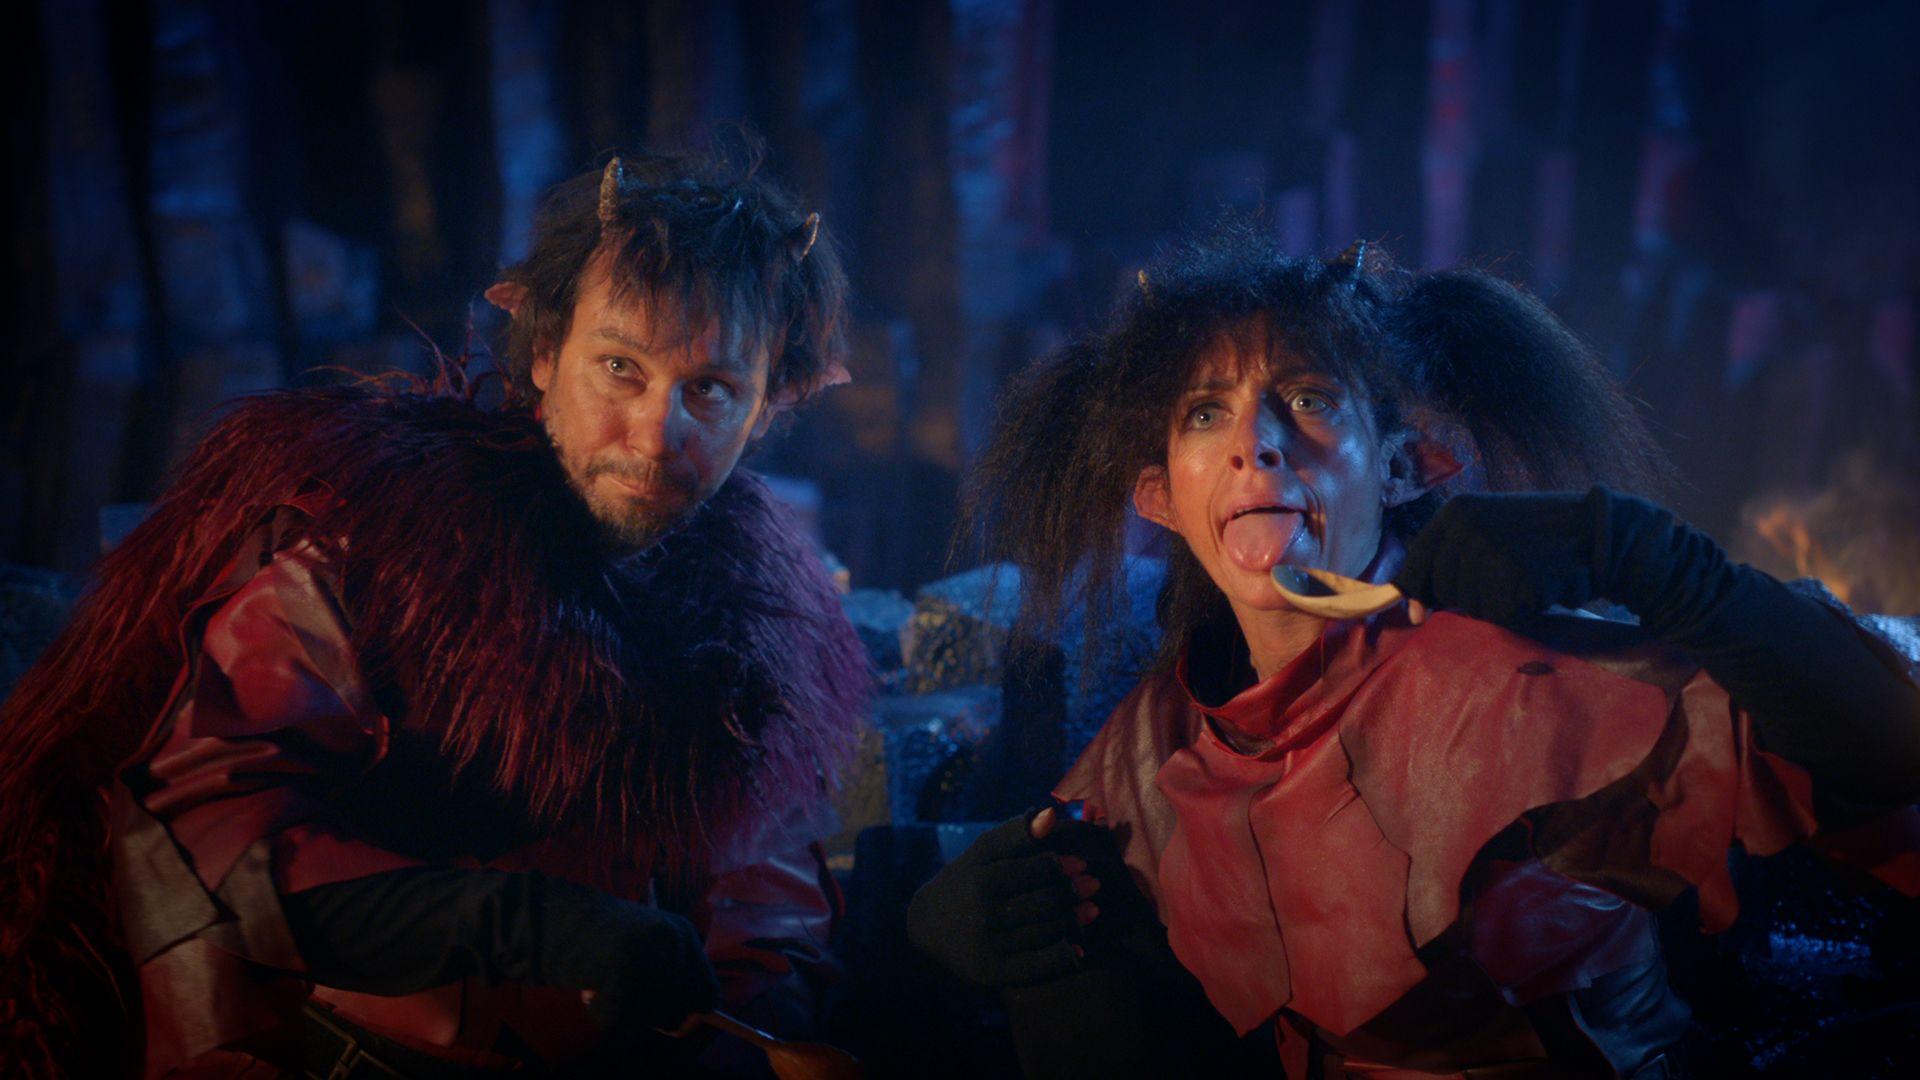 KOUZELNÍK ŽITO, filmová pohádka o dobru a zlu, natáčená režisérem Zdeňkem Zelenkou v roce 2018.